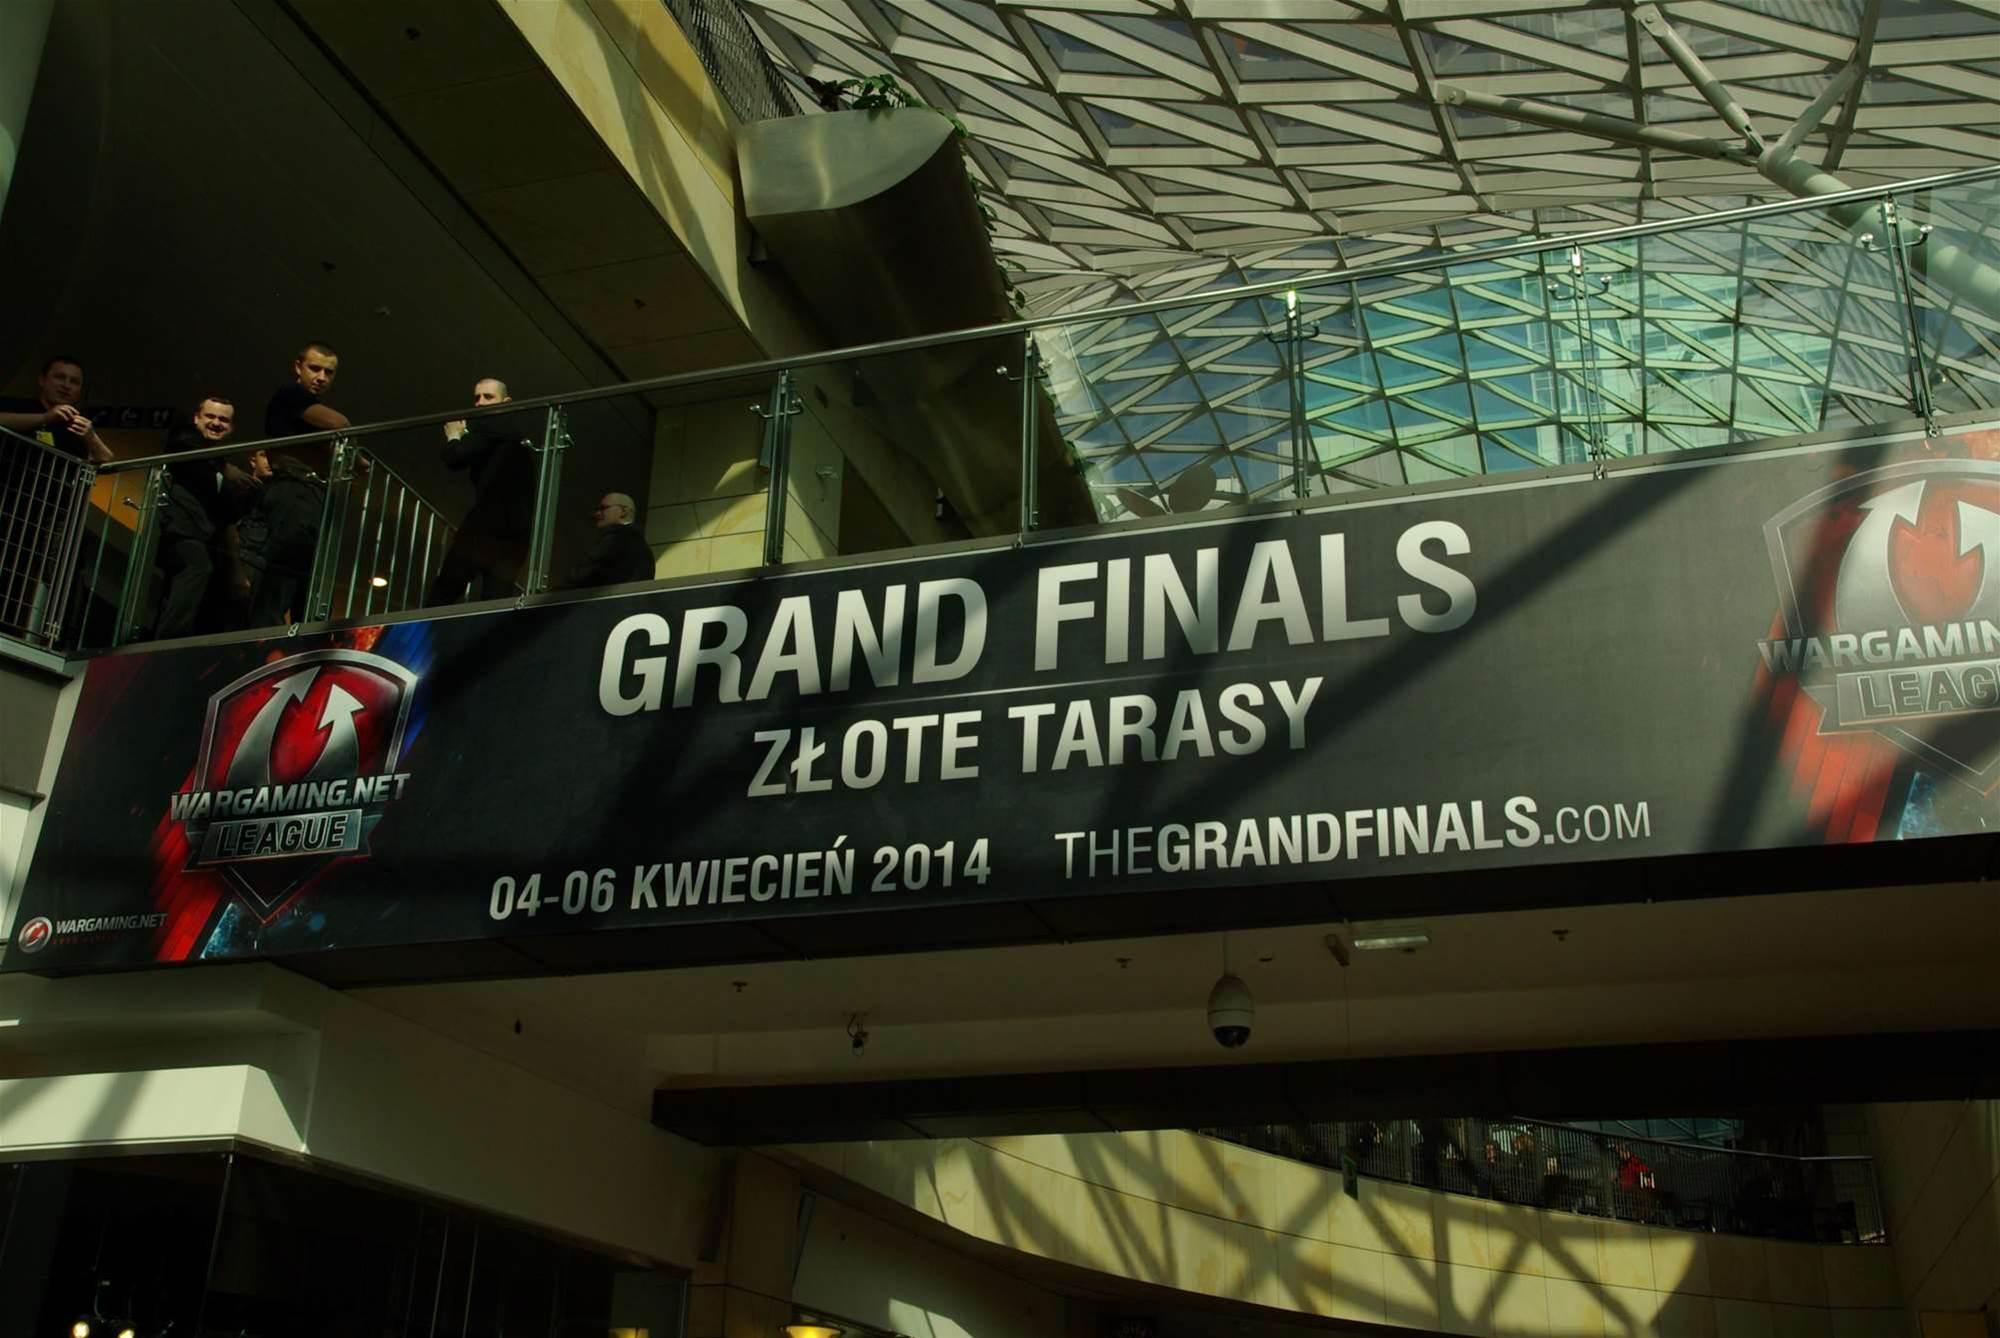 Wargaming.net League Grand Finals